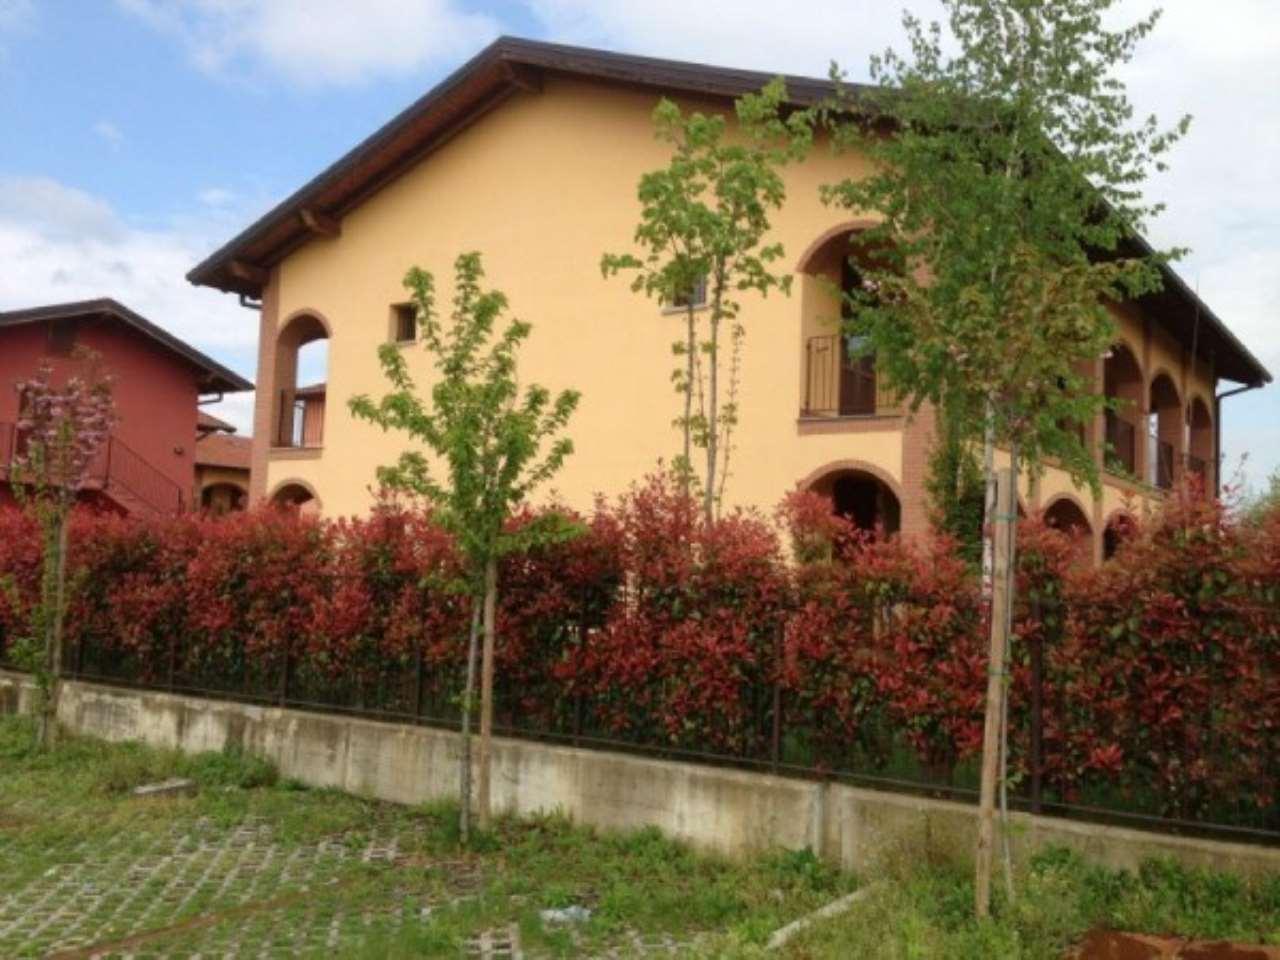 Appartamento in vendita a Lentate sul Seveso, 2 locali, prezzo € 135.000 | PortaleAgenzieImmobiliari.it